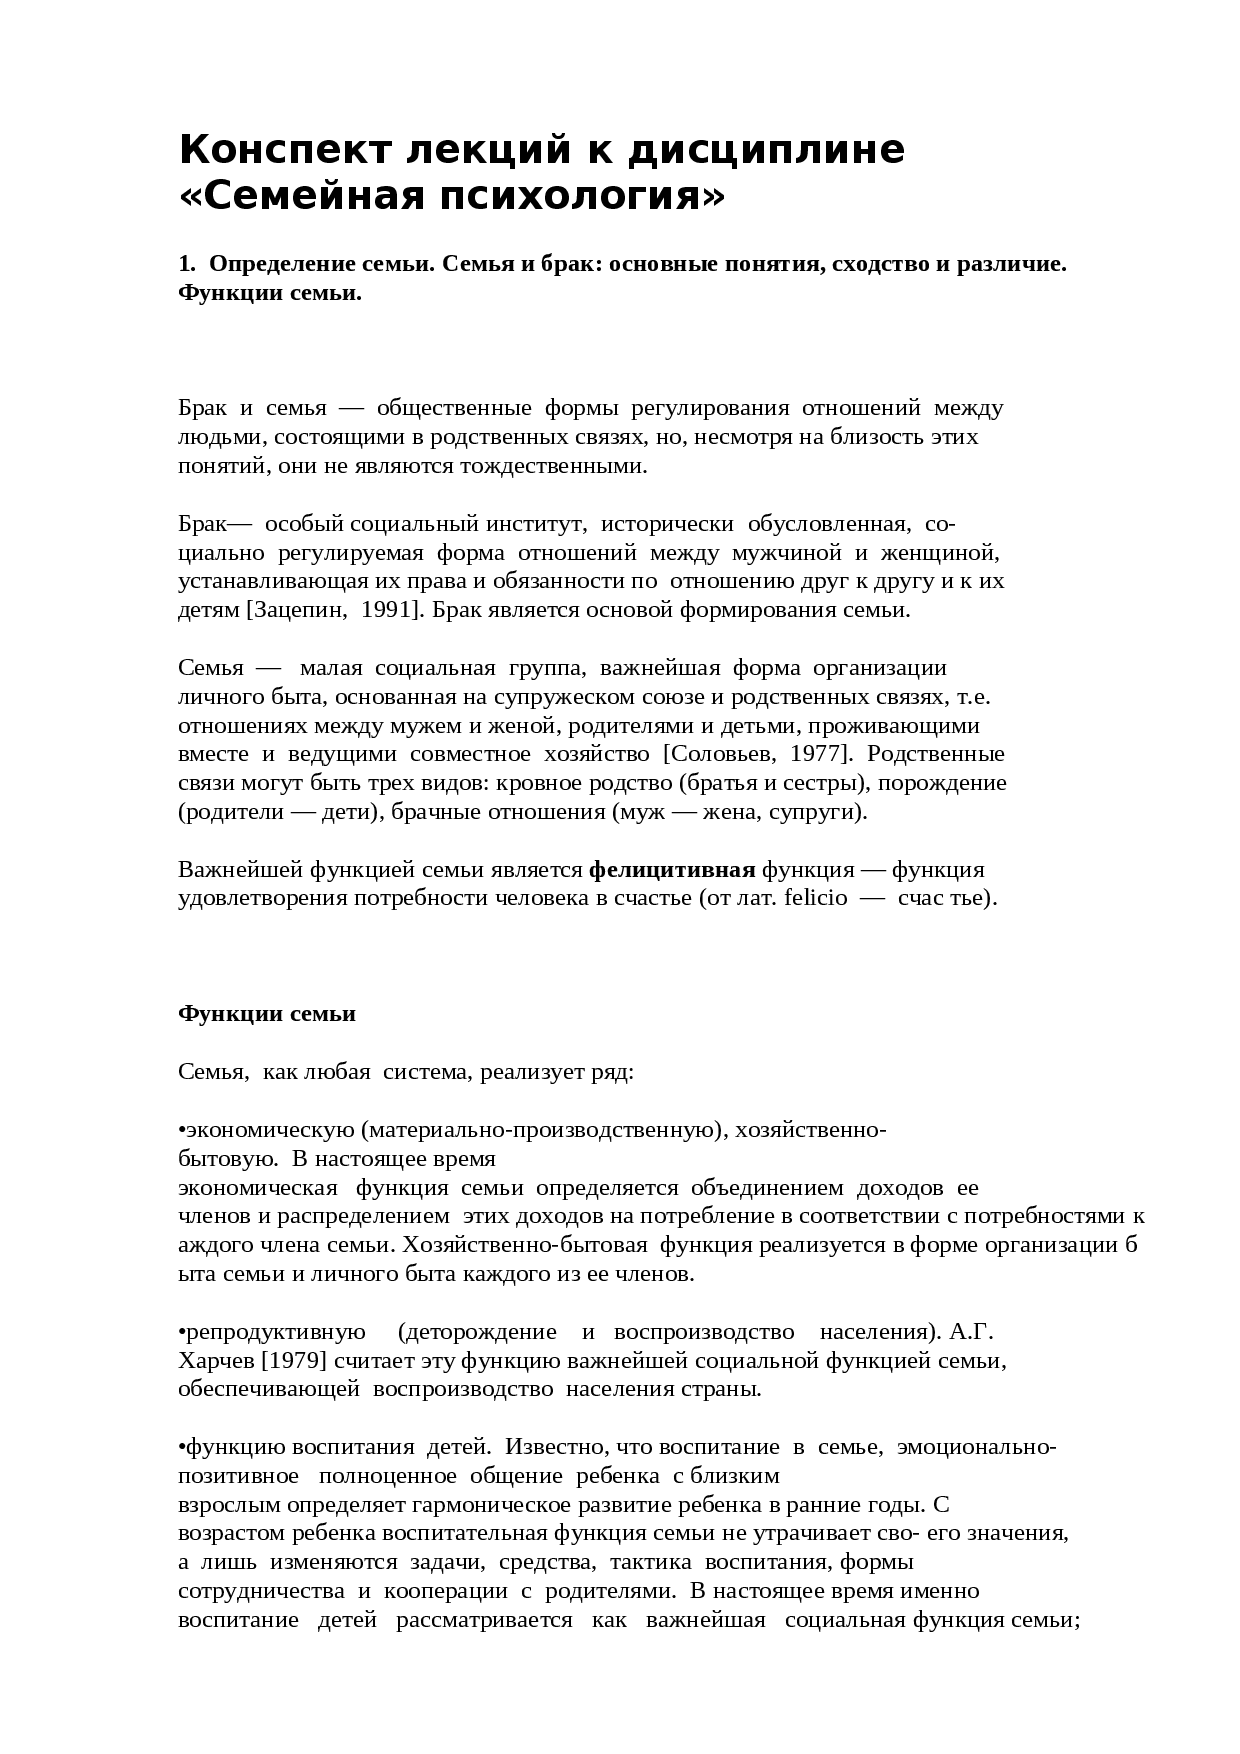 Психология: сходство характеров - бесплатные статьи по психологии в доме солнца